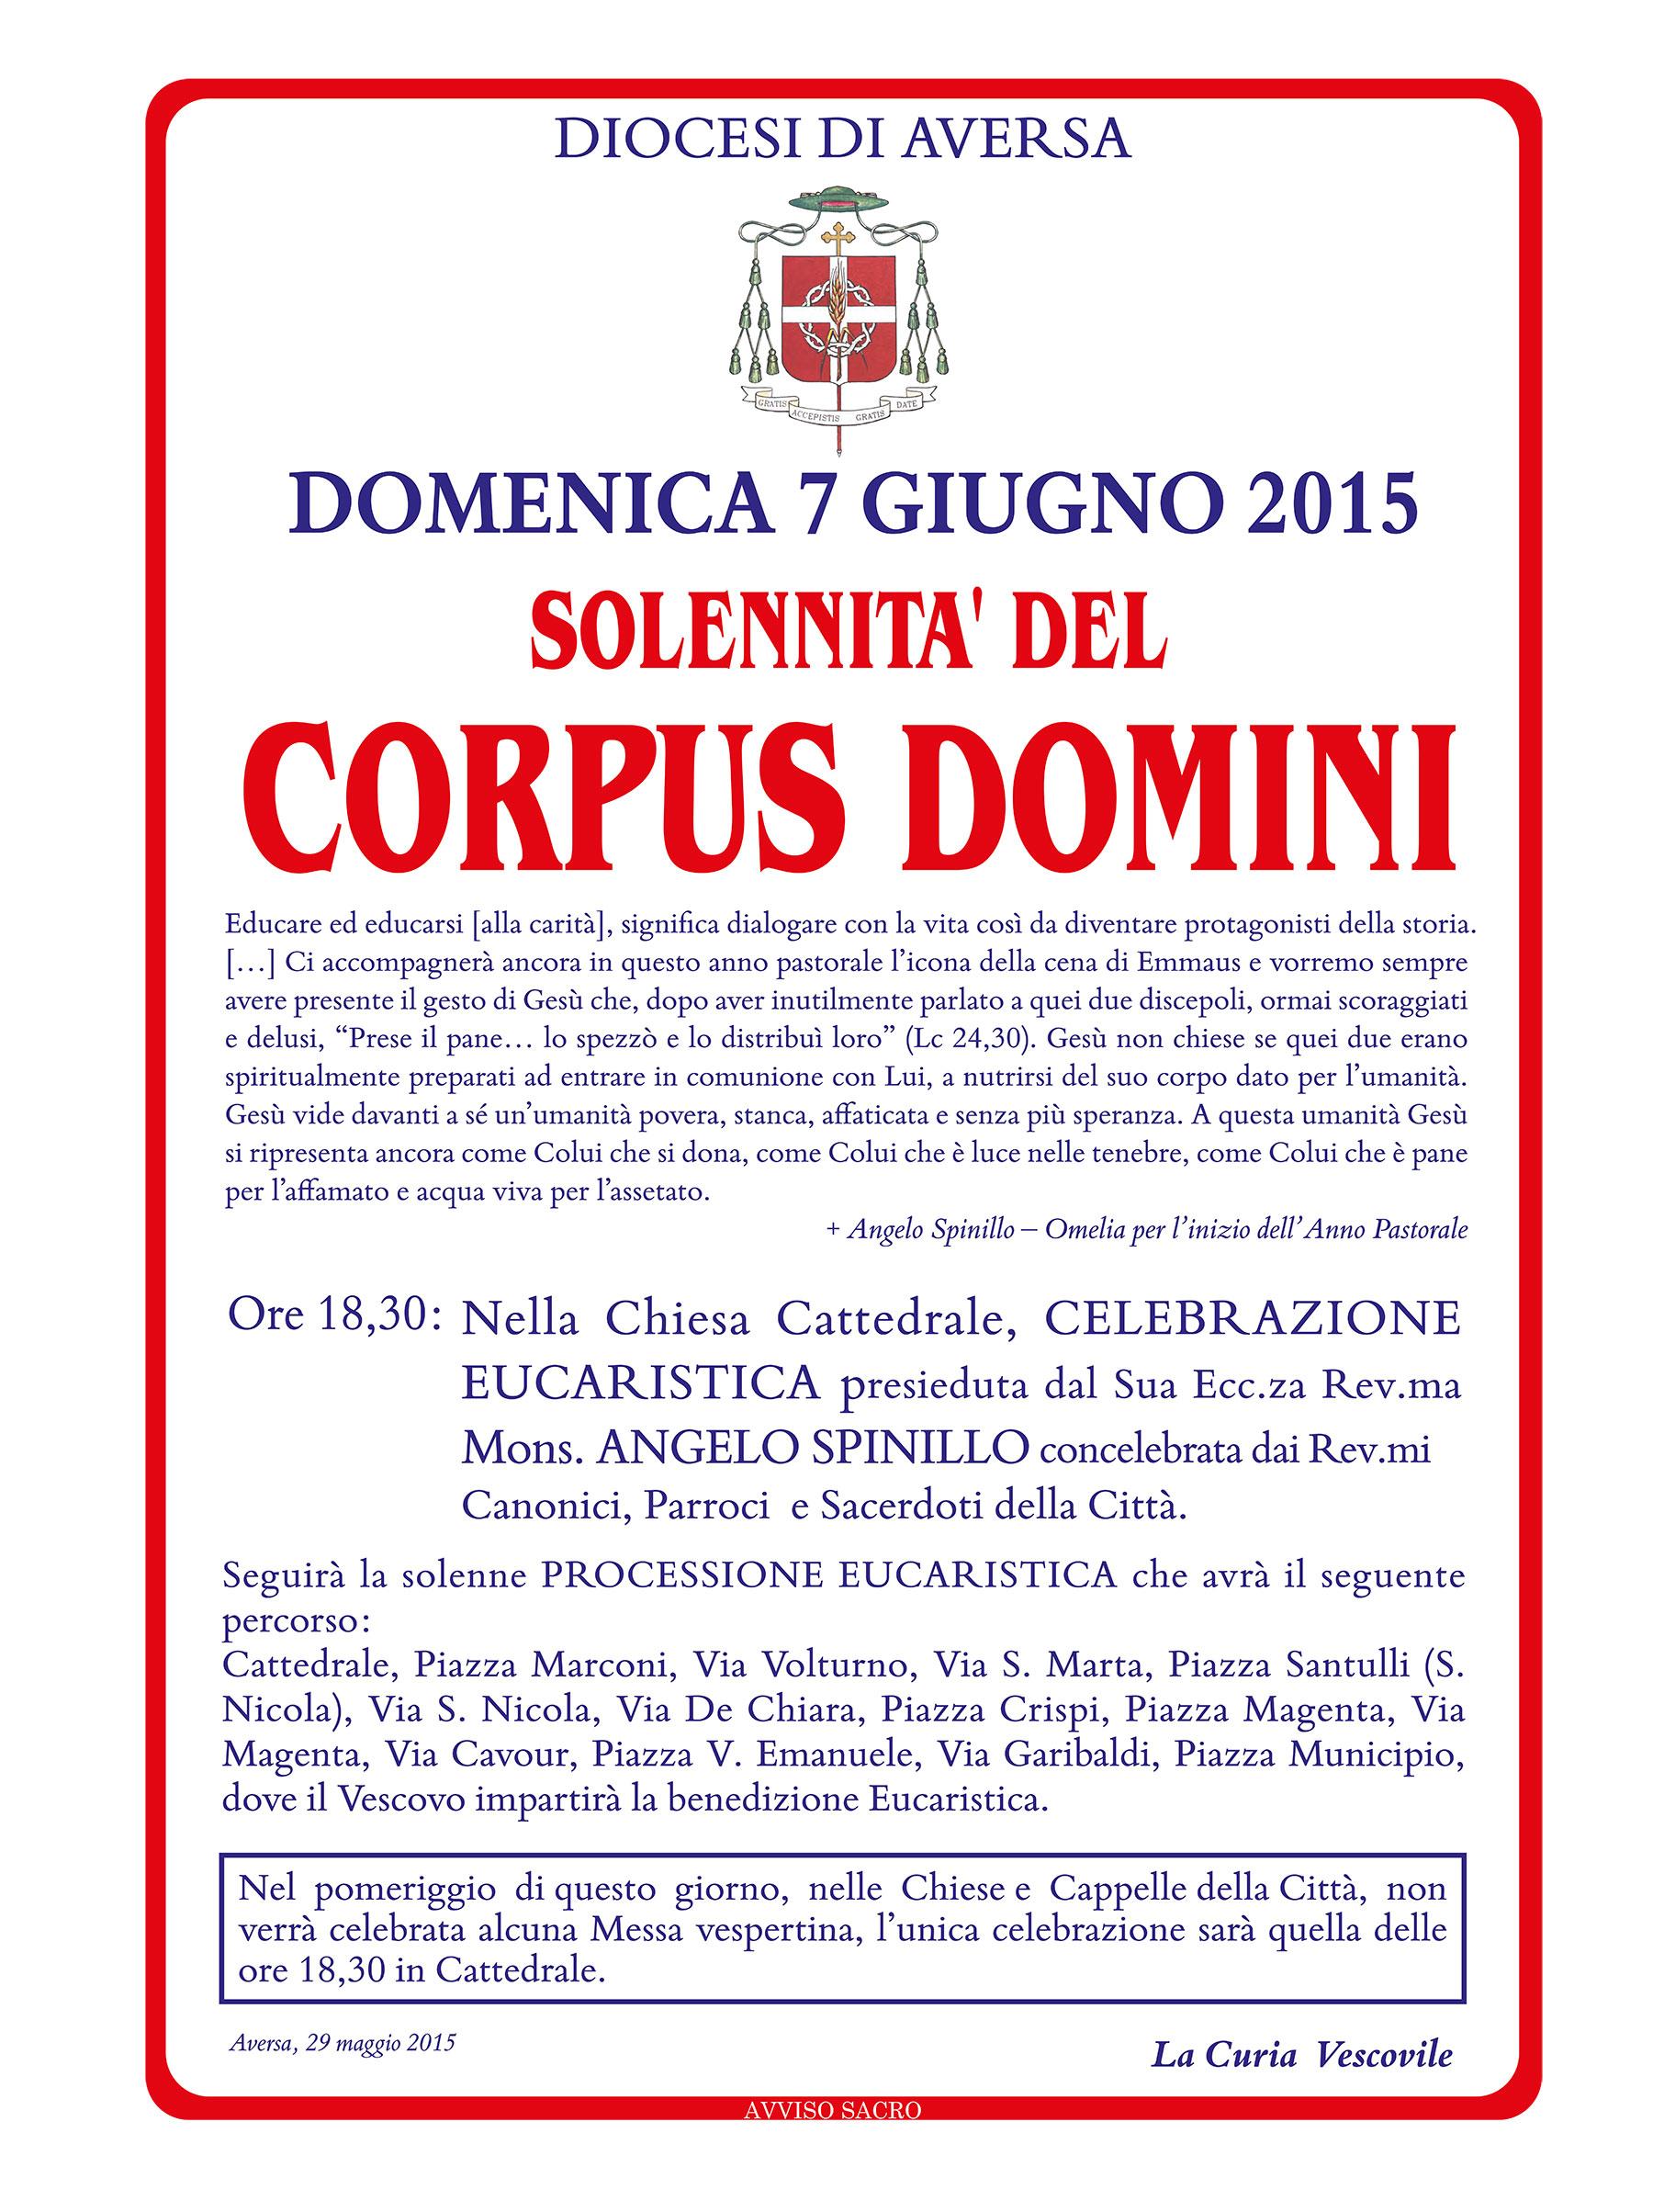 Corpus-domini-2015